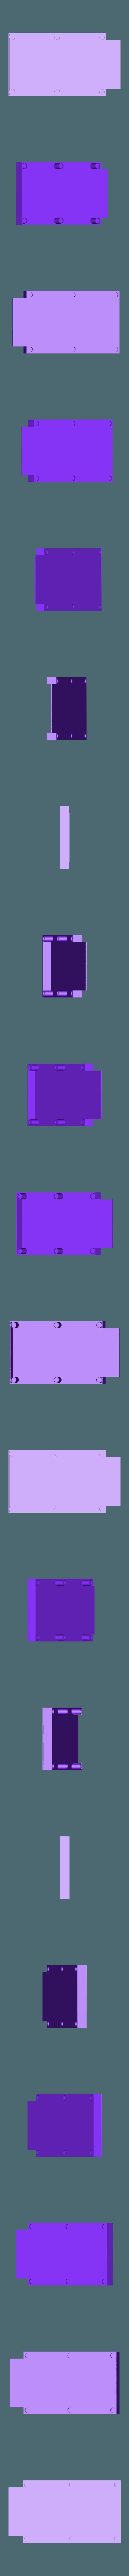 Sandpaper_Holder_with_Magnets_FINAL.stl Télécharger fichier GCODE gratuit Porte-papier de verre avec aimants • Modèle pour imprimante 3D, christinewhybrow